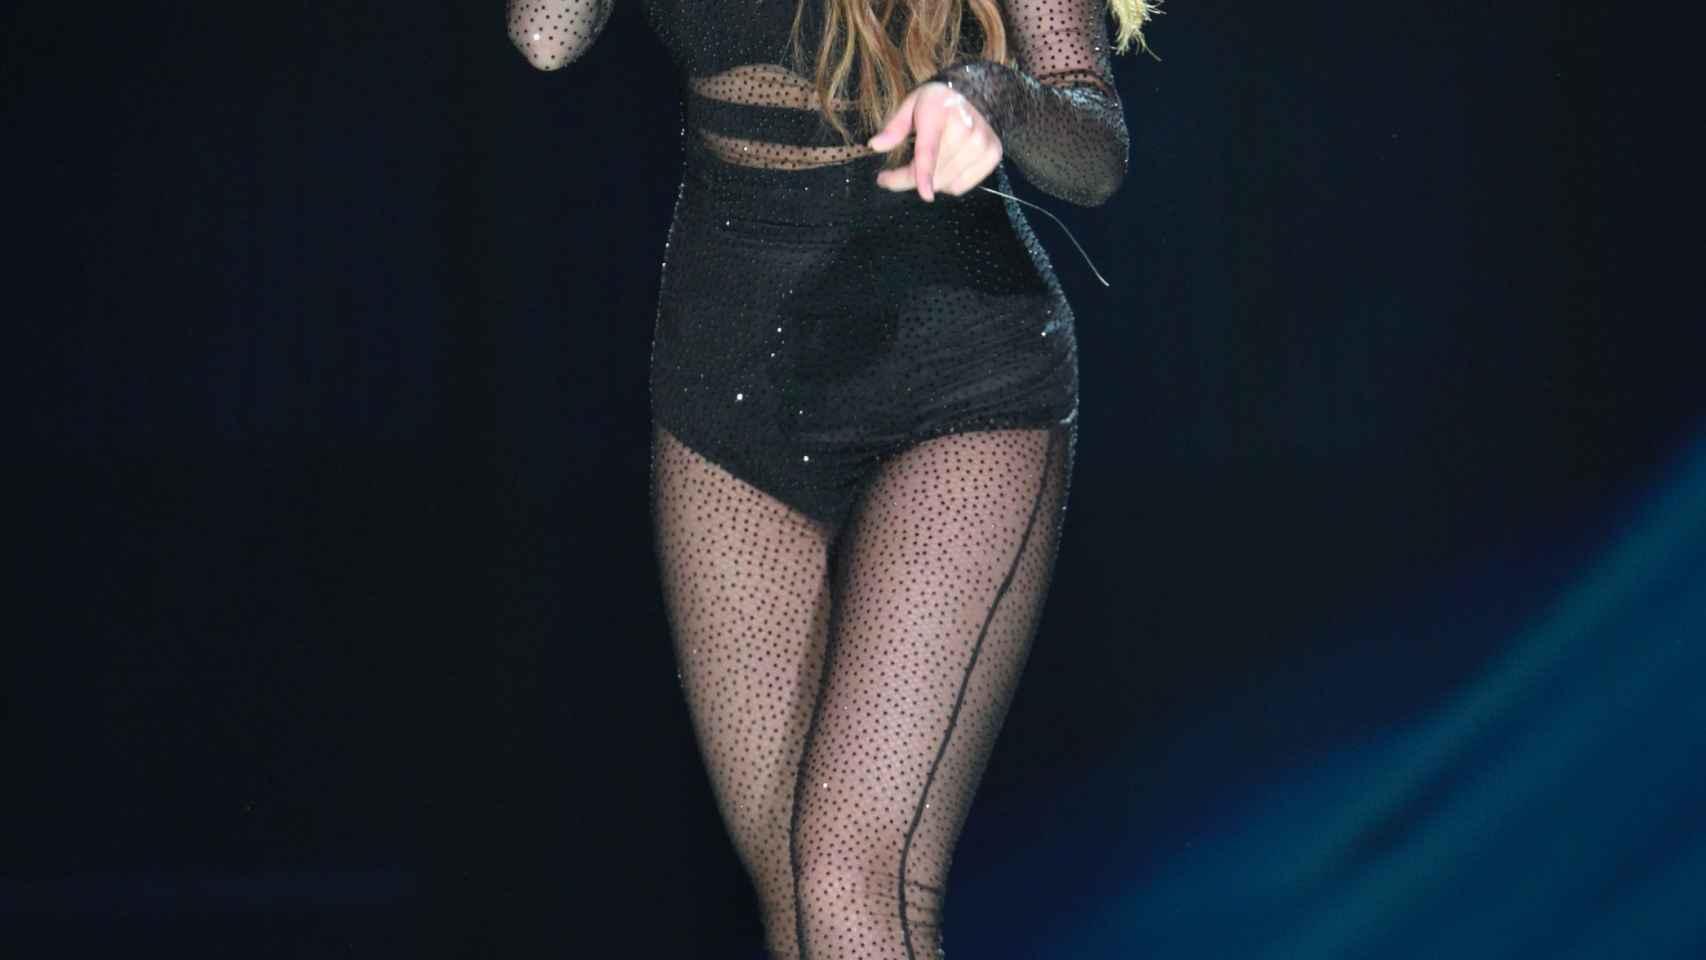 La cantante Selena Gómez en una de sus actuaciones